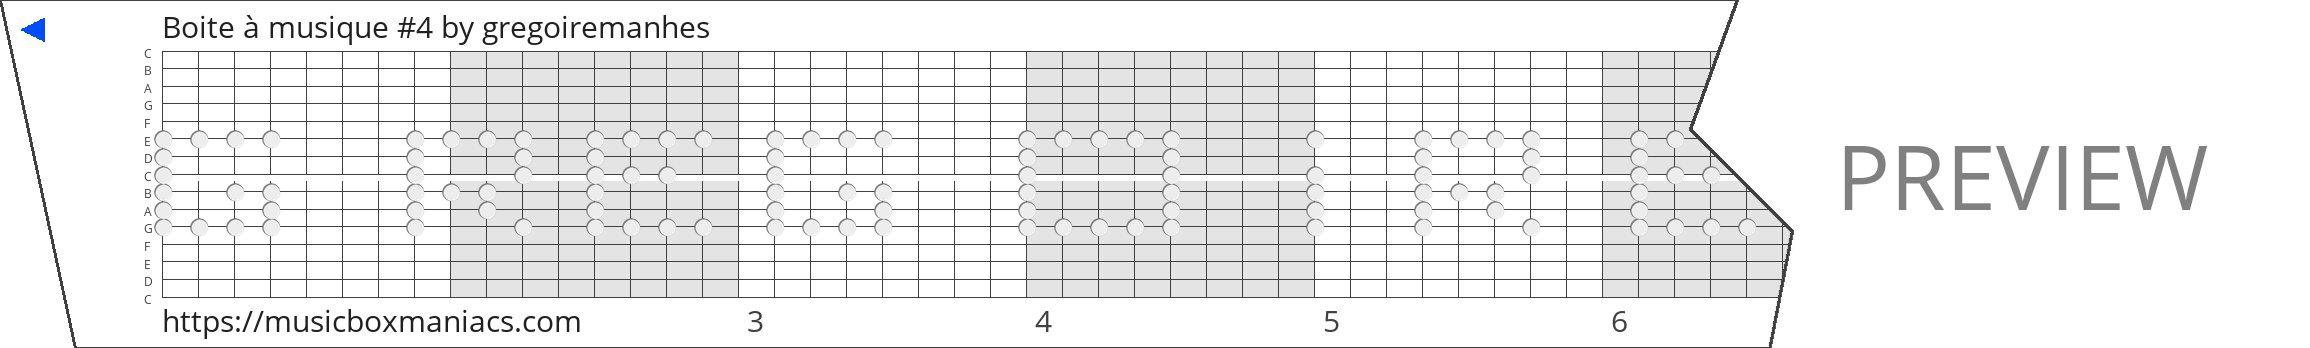 Boite à musique #4 15 note music box paper strip